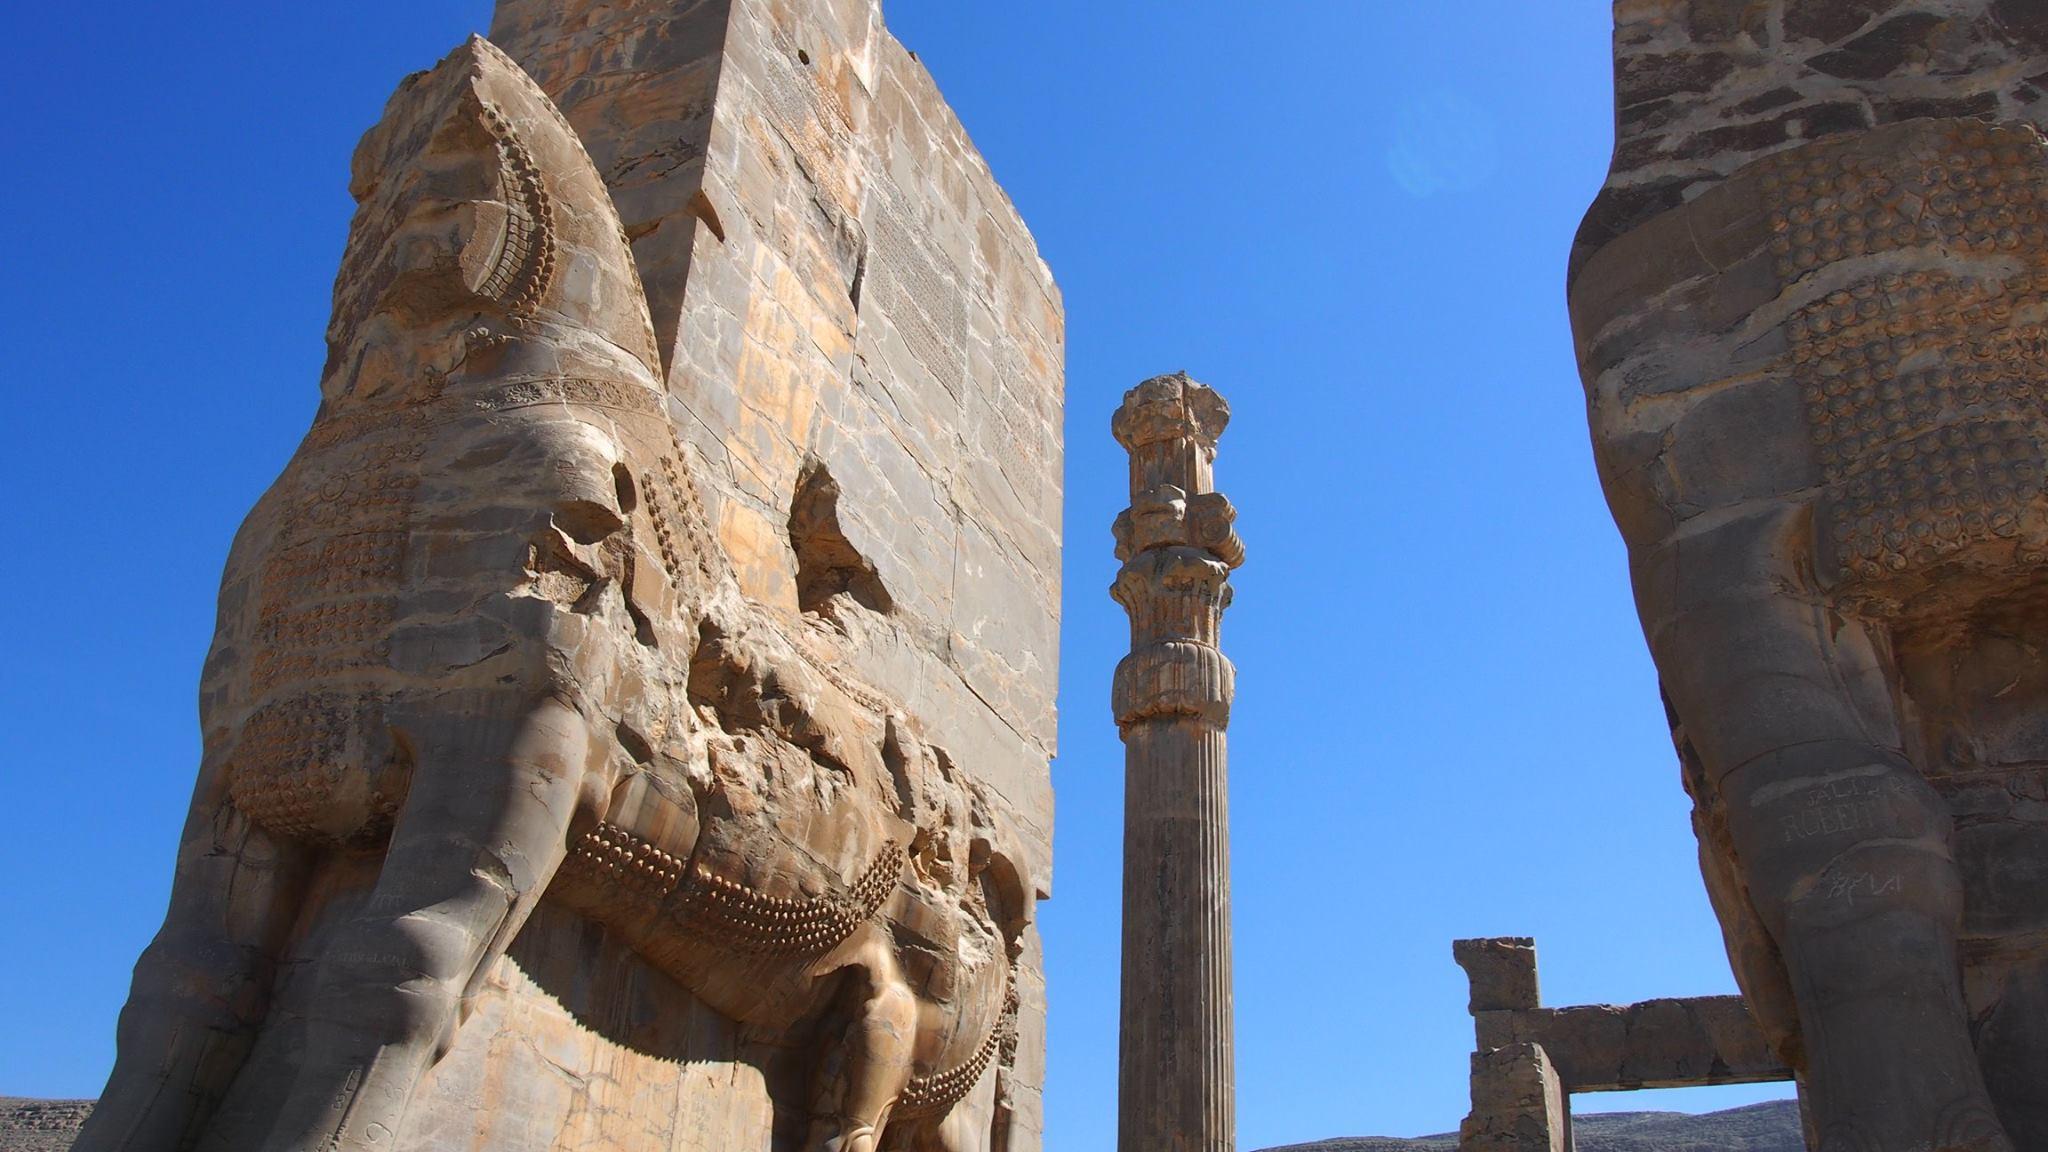 中東の3P遺跡のひとつ・イラン『ペルセポリス』